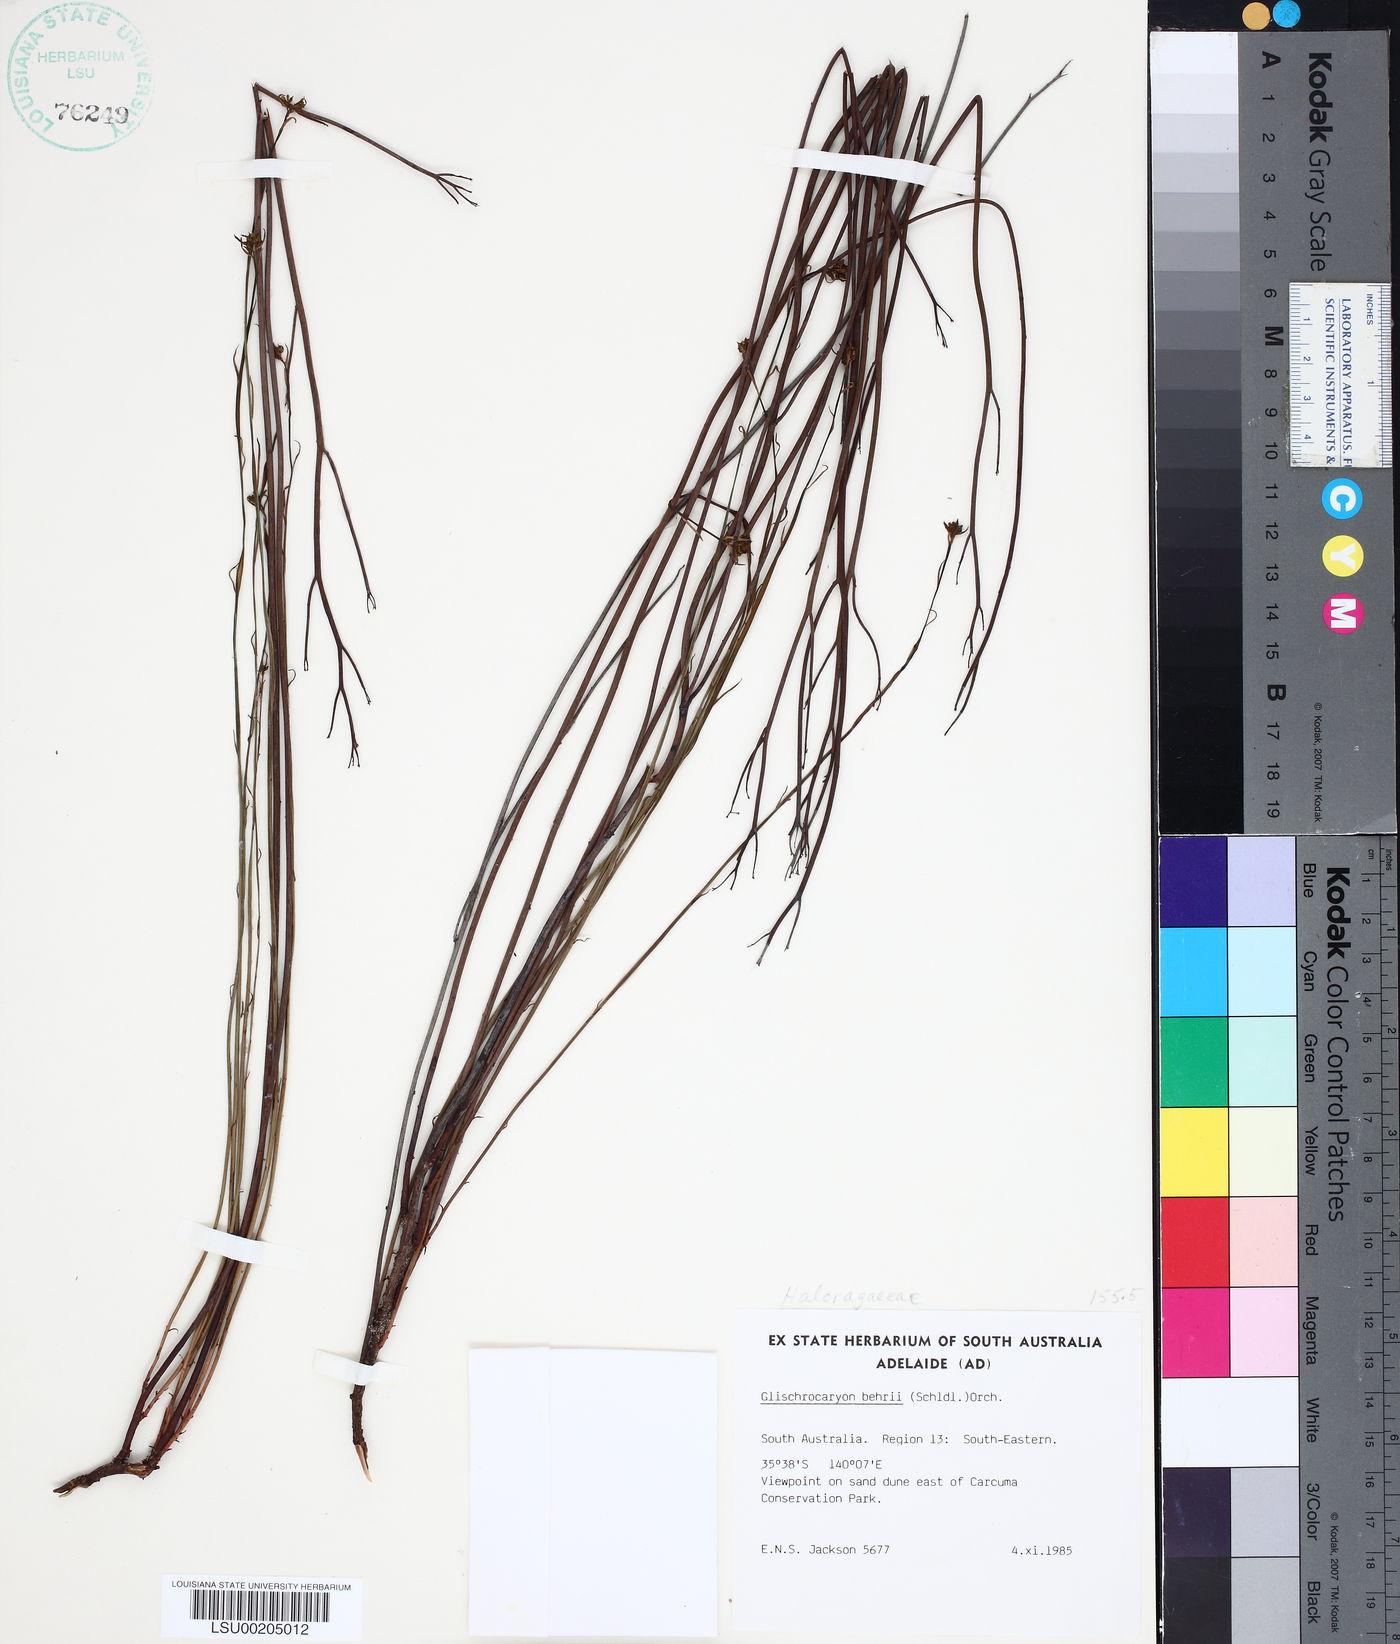 Glischrocaryon behrii image